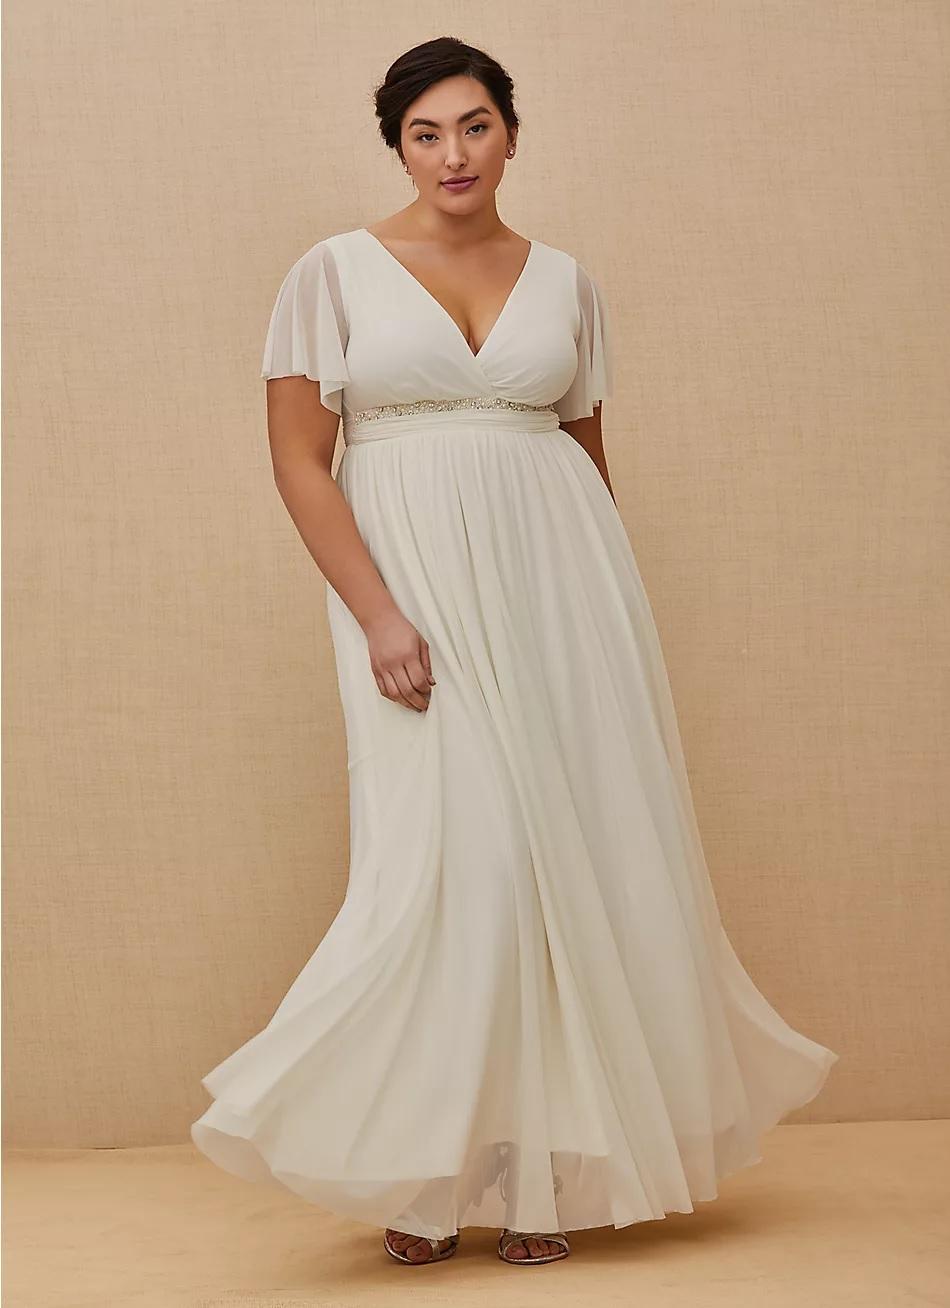 torrid wedding dress in white with empire waist